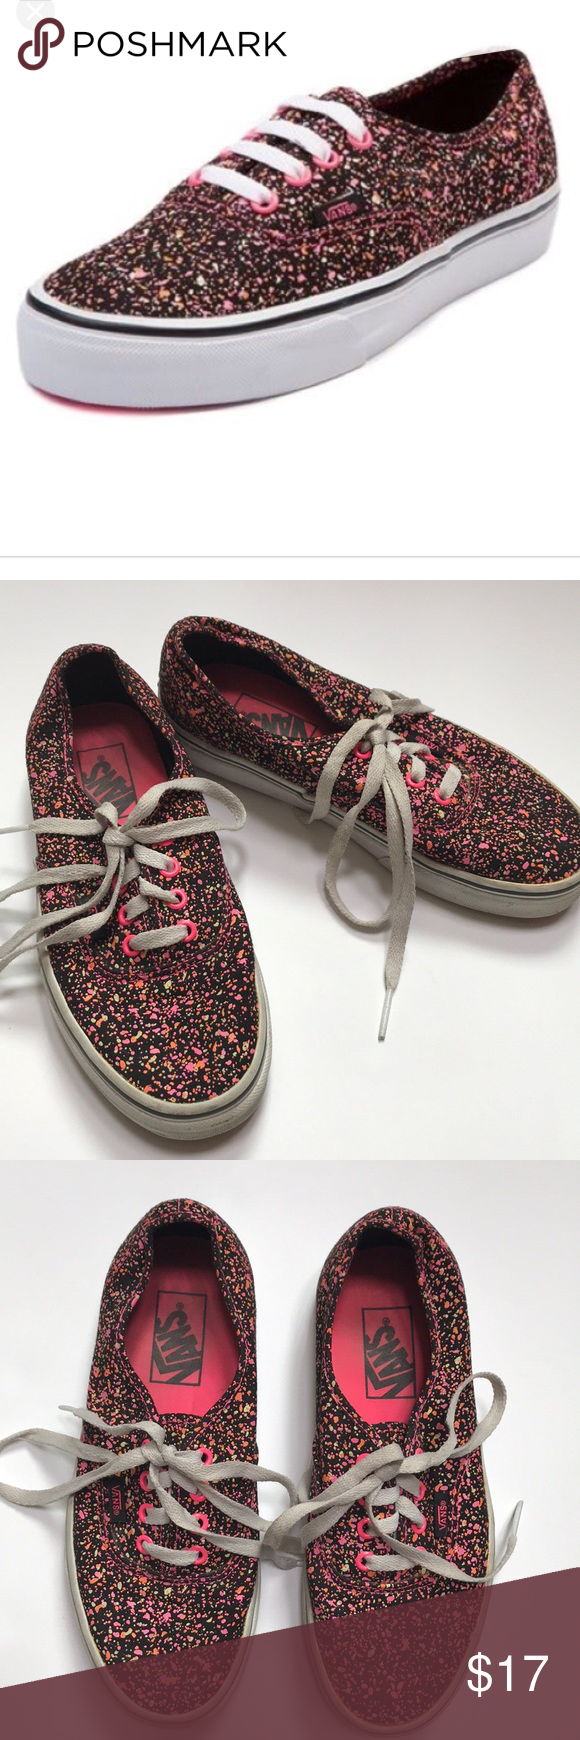 7419c27ac24f12 Vans Paint Splatter Glow In The Dark Sneakers Vans Paint Splatter Glow In  The Dark Sneakers